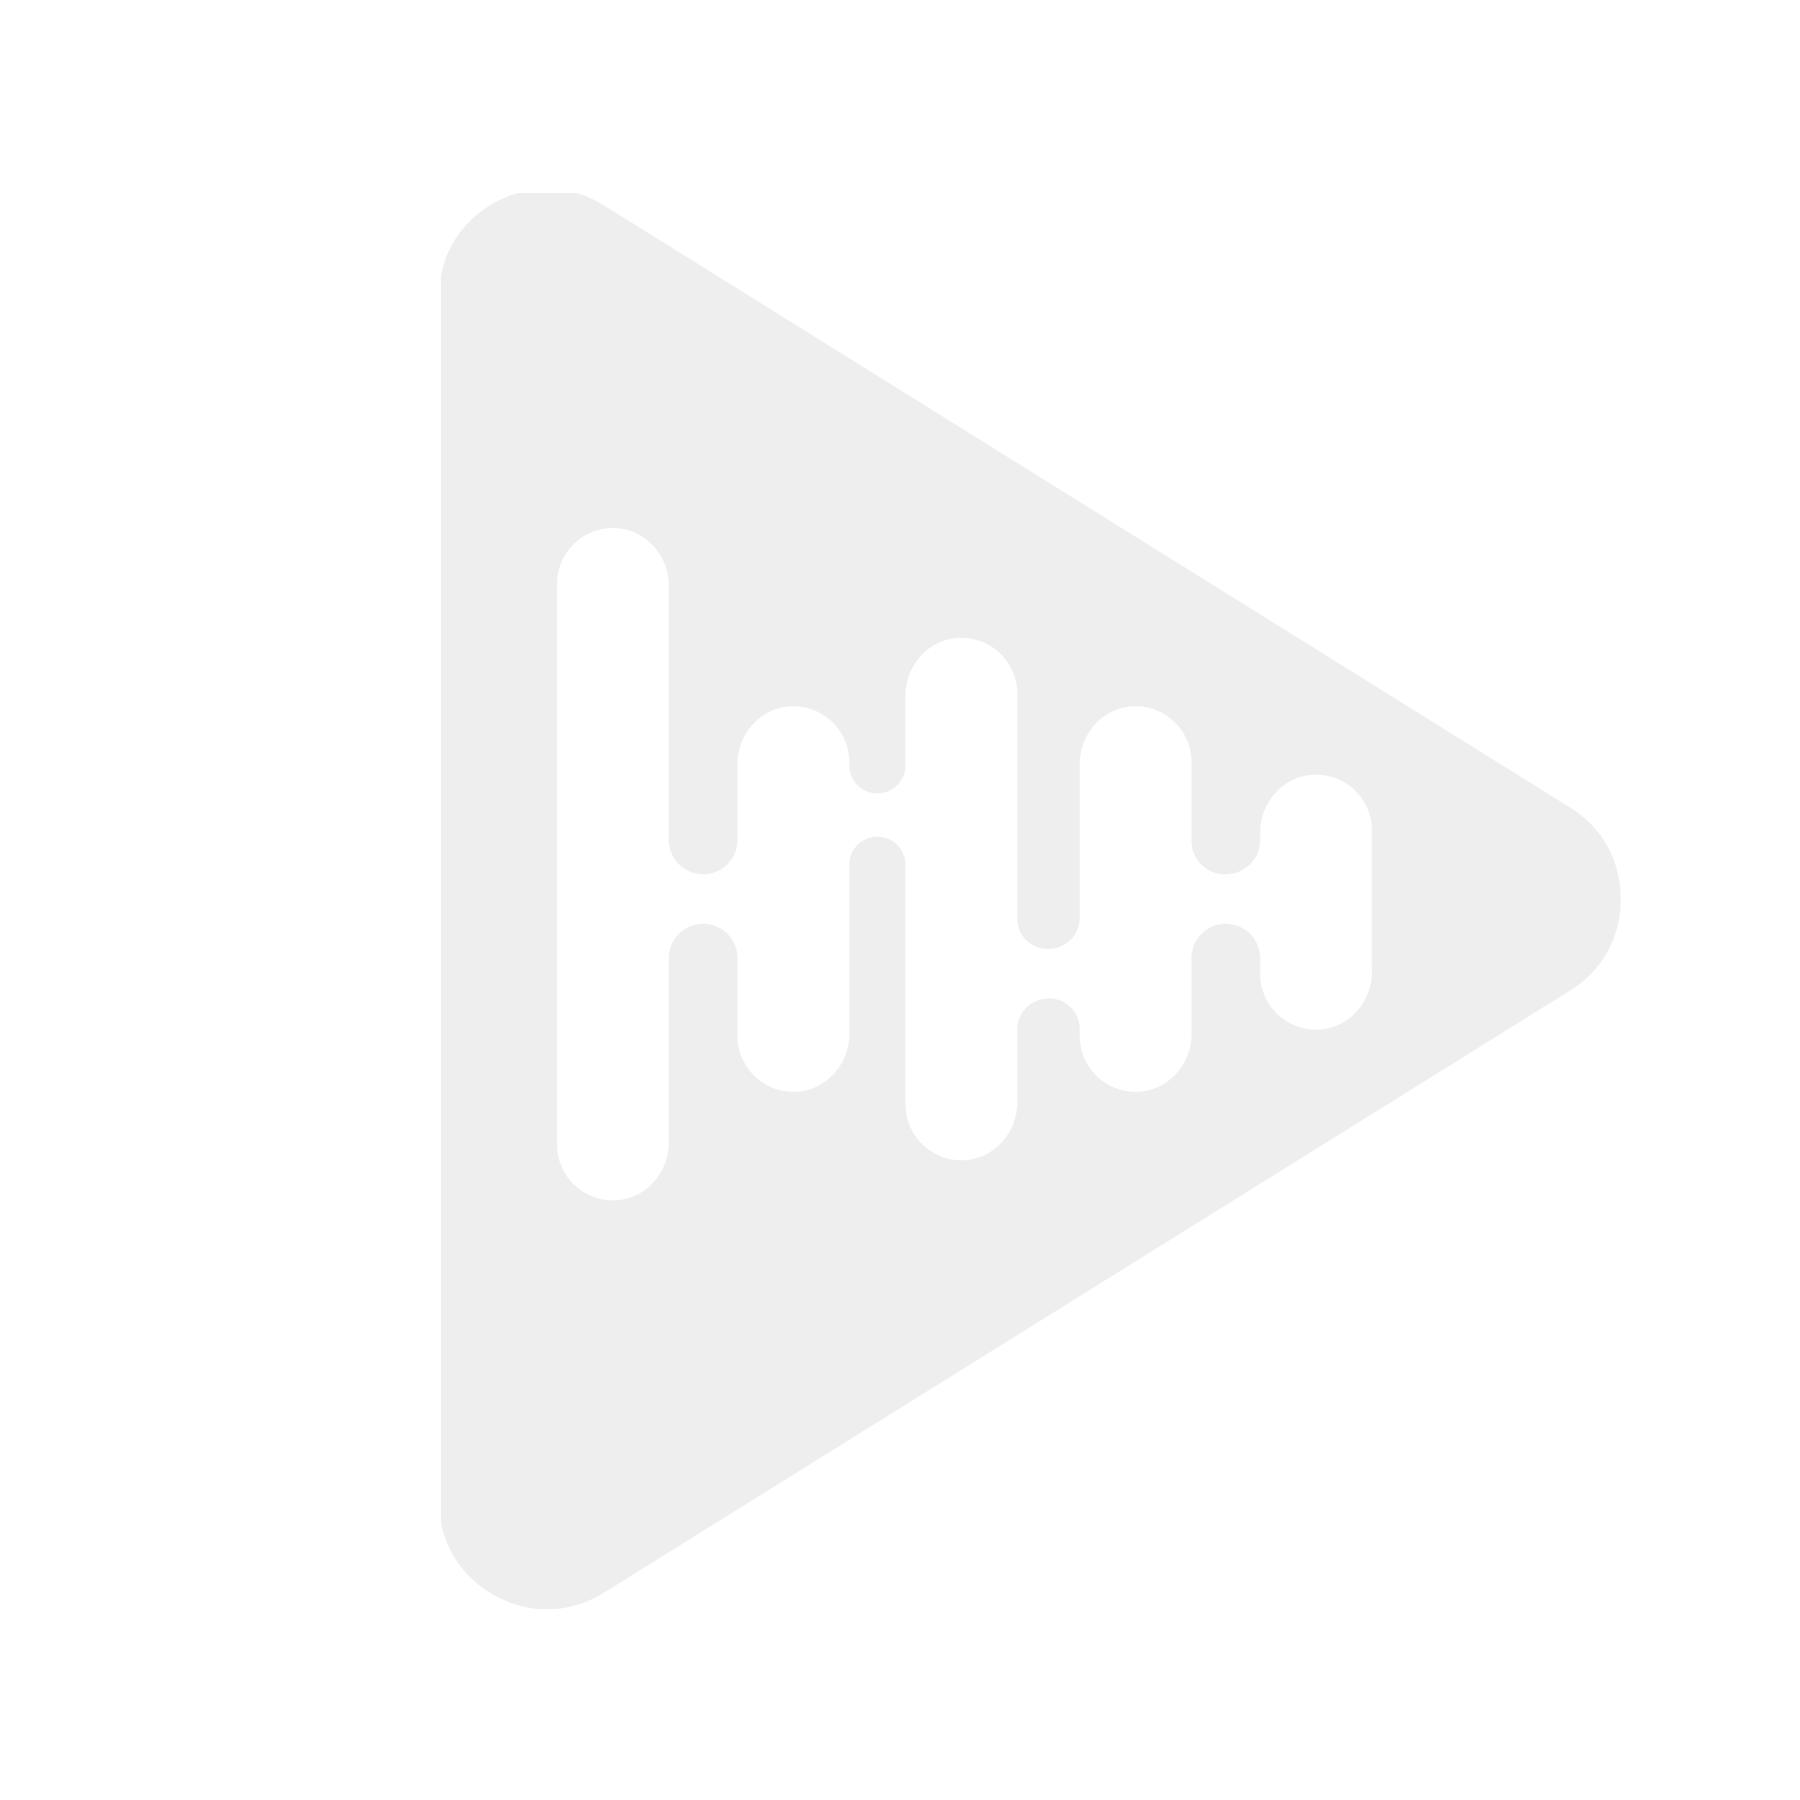 Hertz Mille Pro MPK 165.3